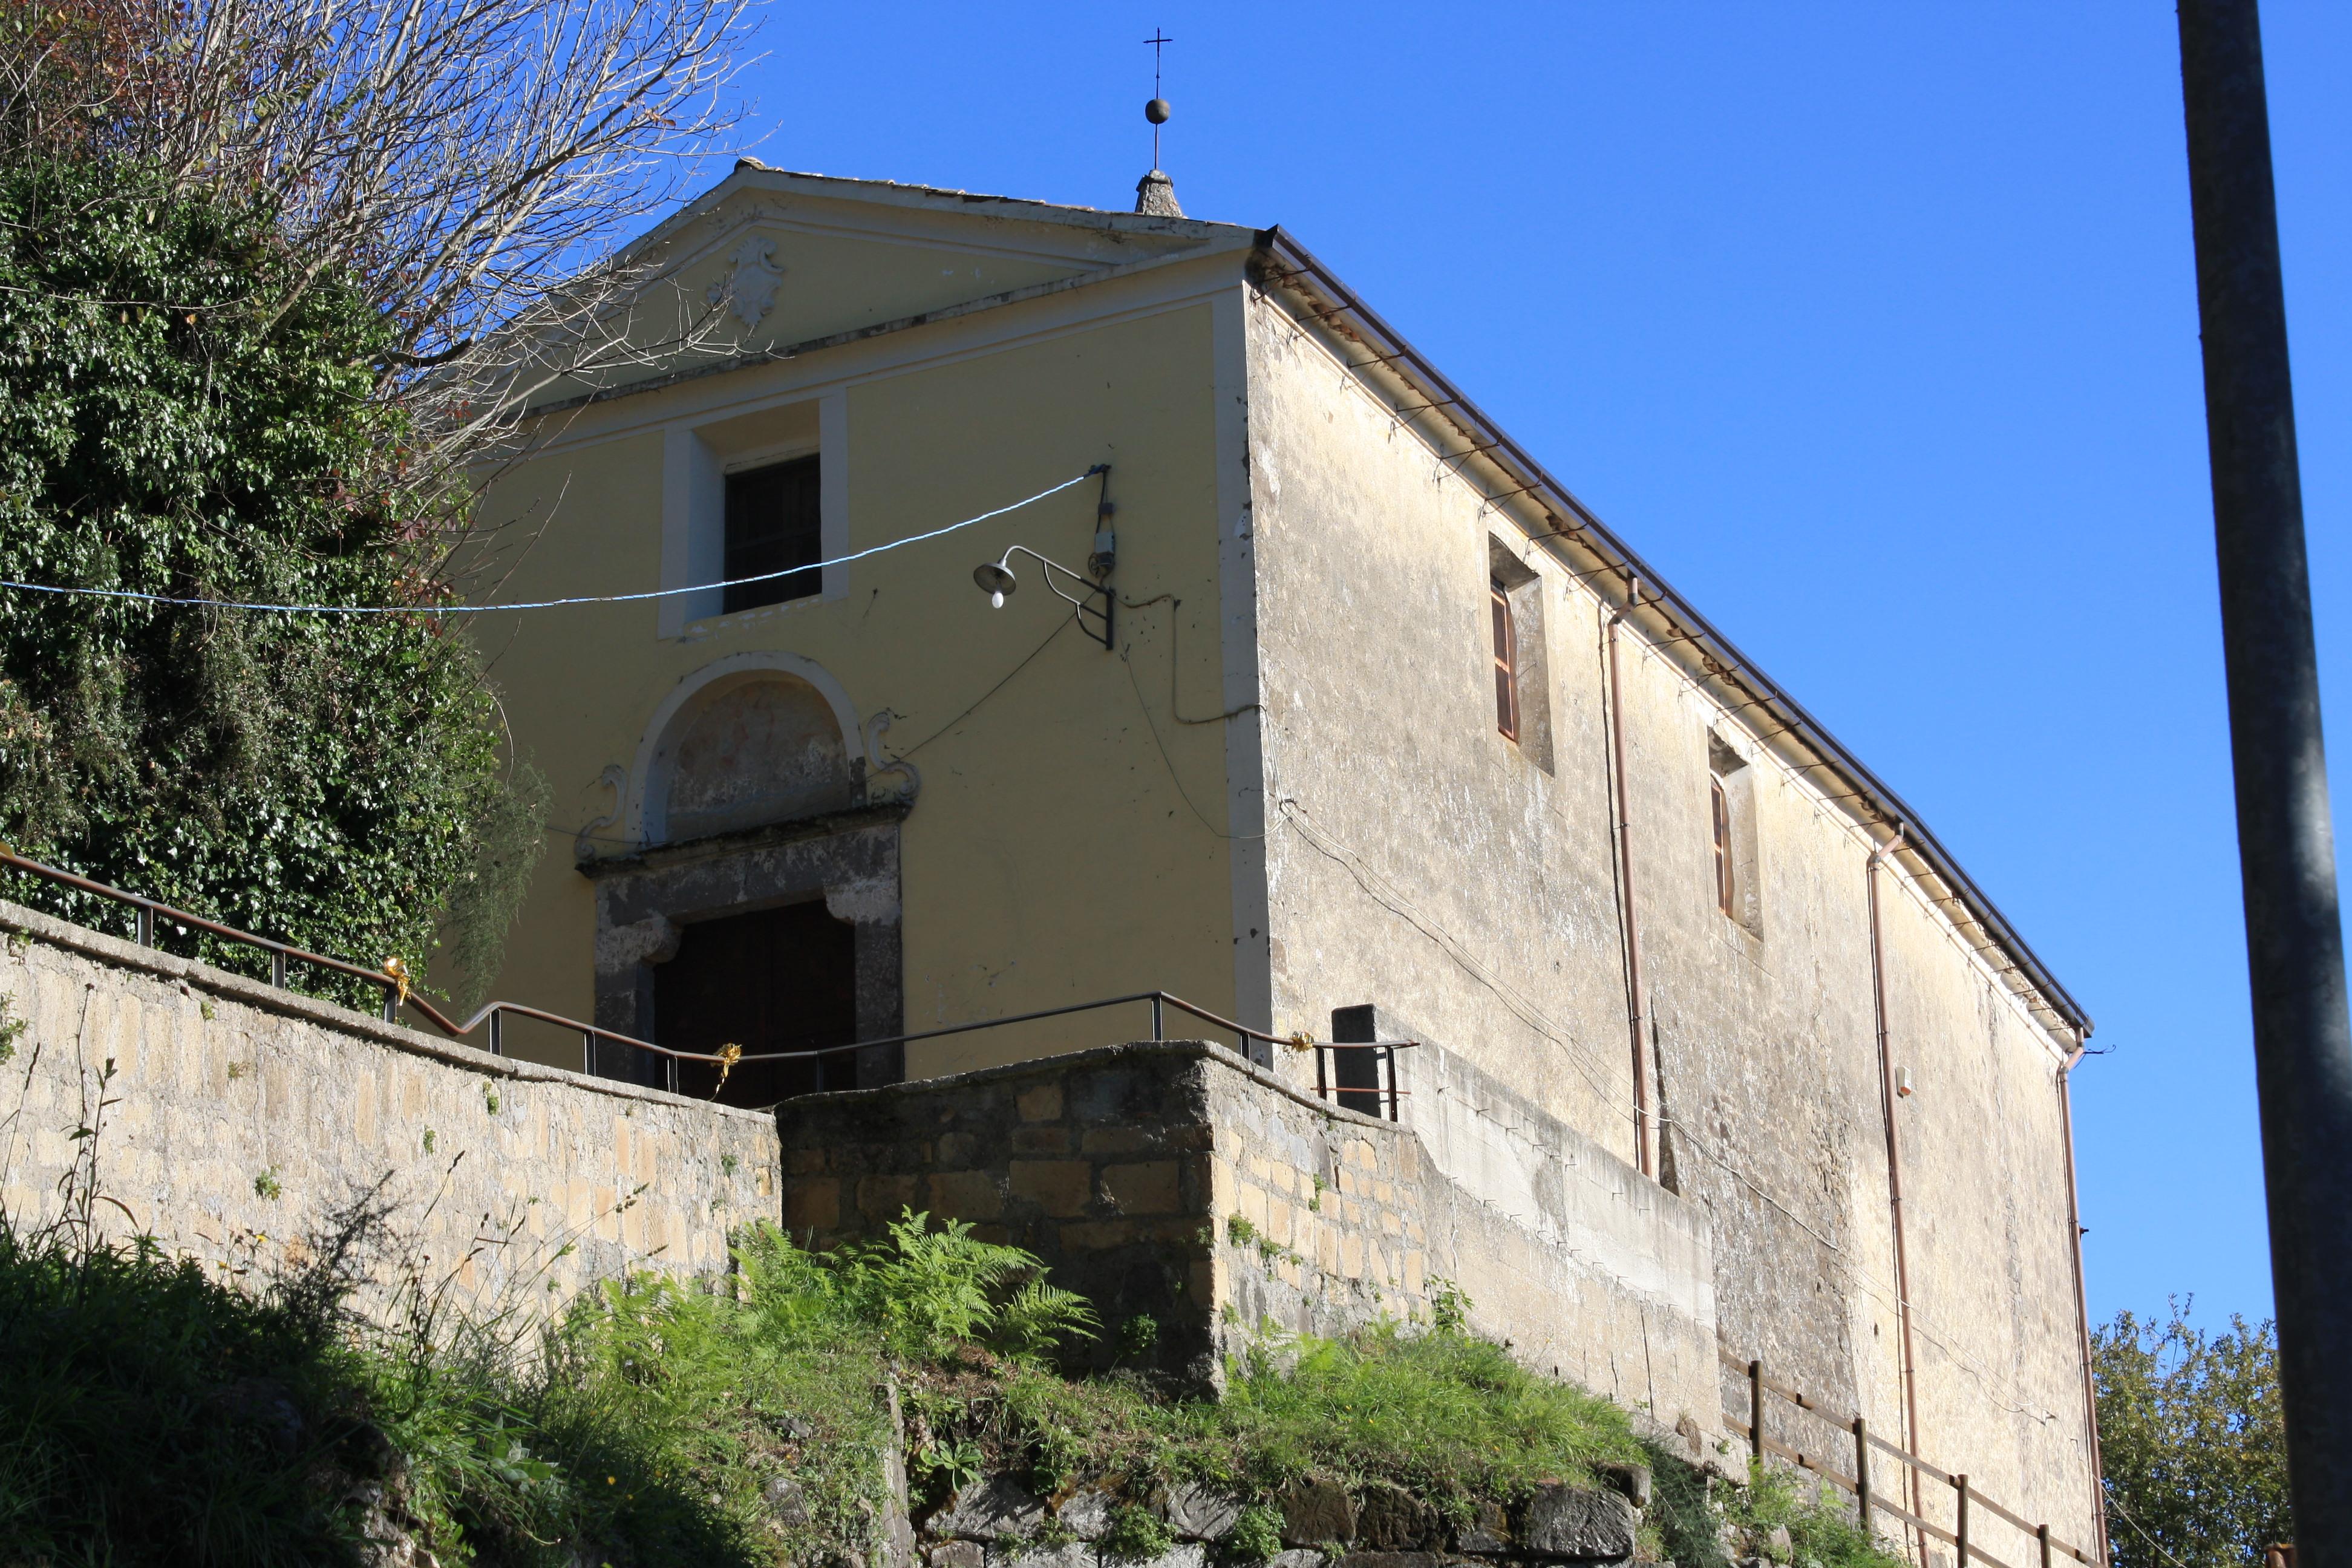 Scorcio della chiesa di San Michele Arcangelo a Caianello Vecchio (Foto da camministorici.it)